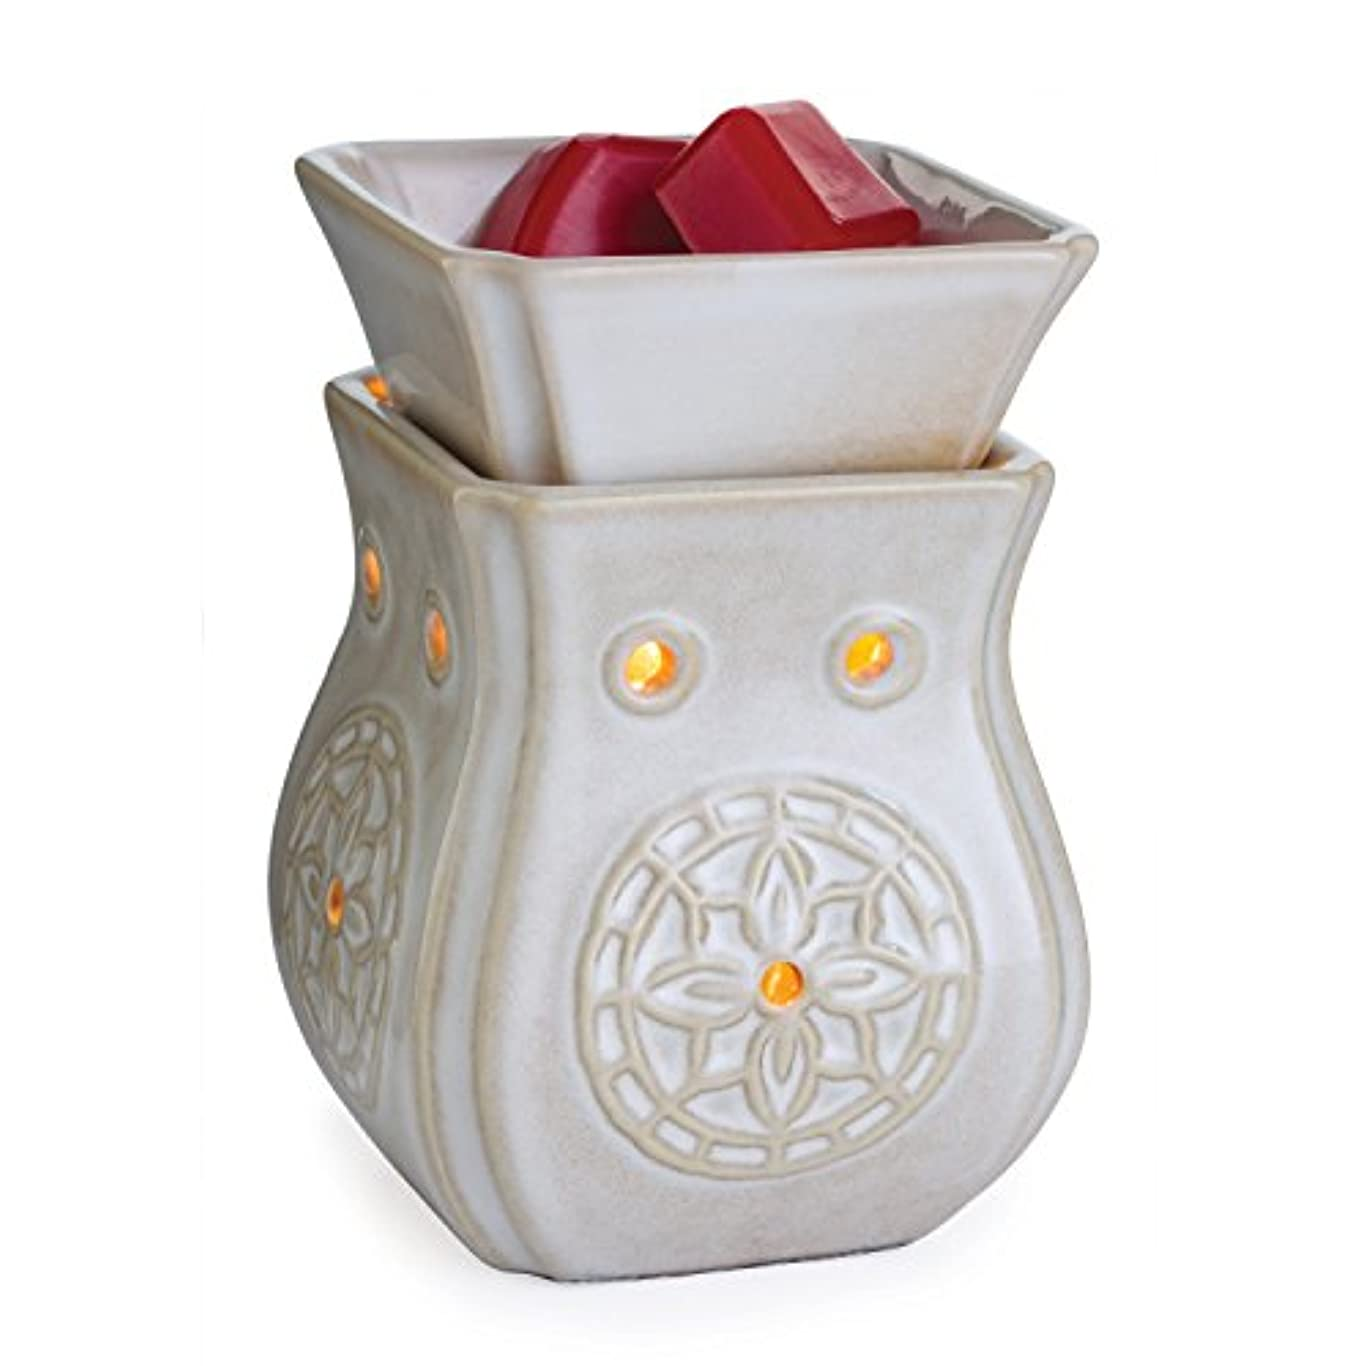 識別圧縮する完璧な(Insignia) - Candle Warmers Illumination Fragrance Warmer, Insignia Midsize